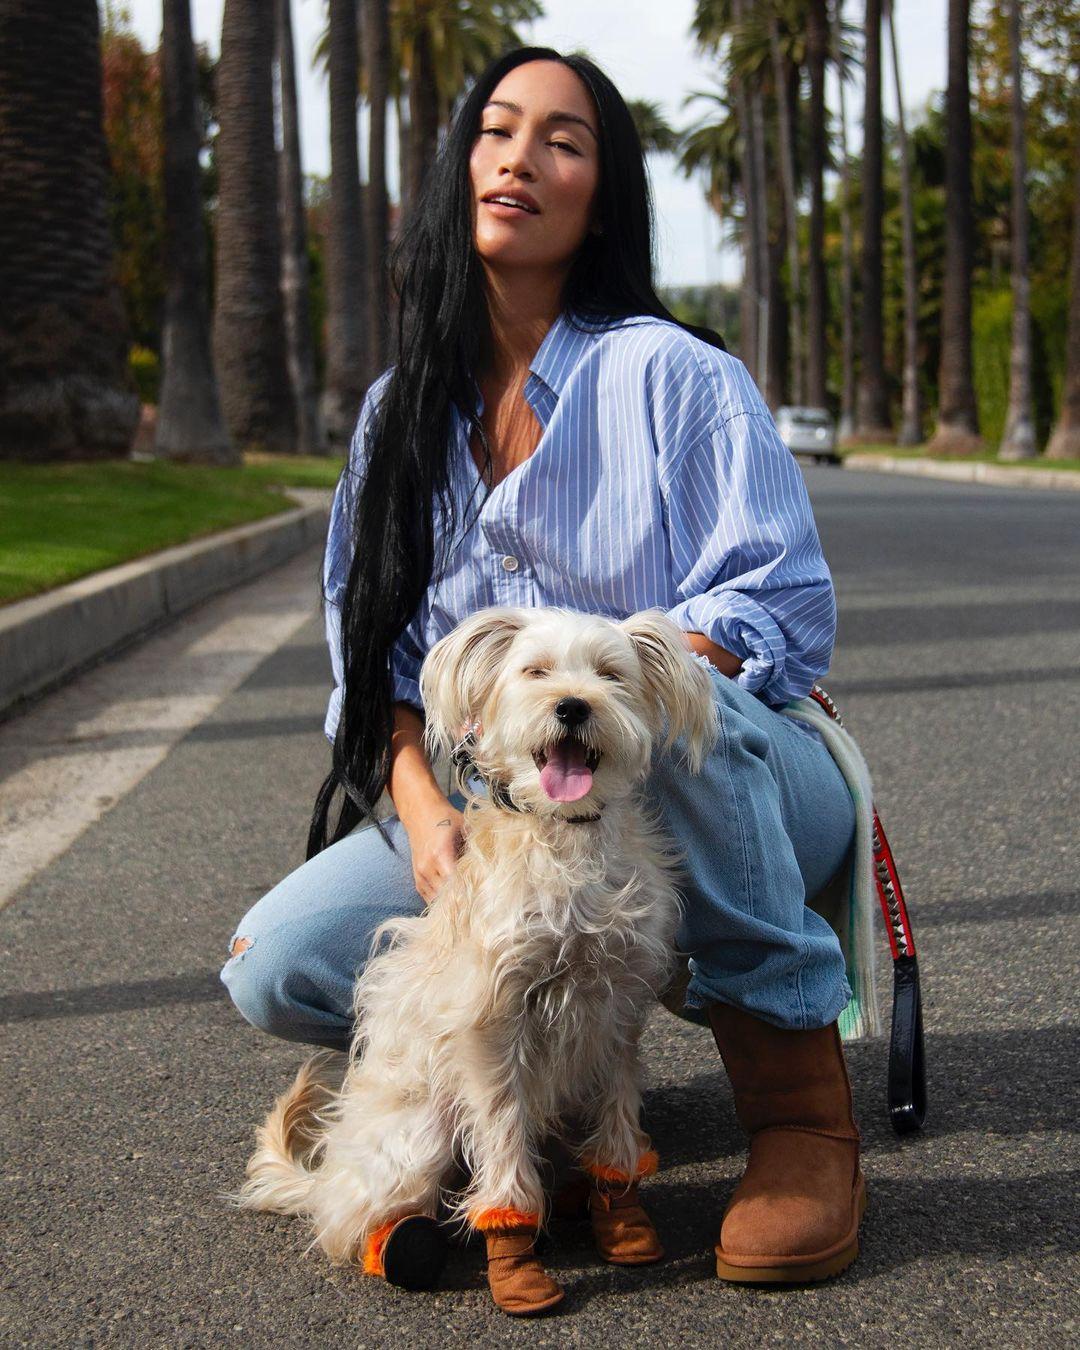 UGG випустили першу колекцію теплого взуття для собак